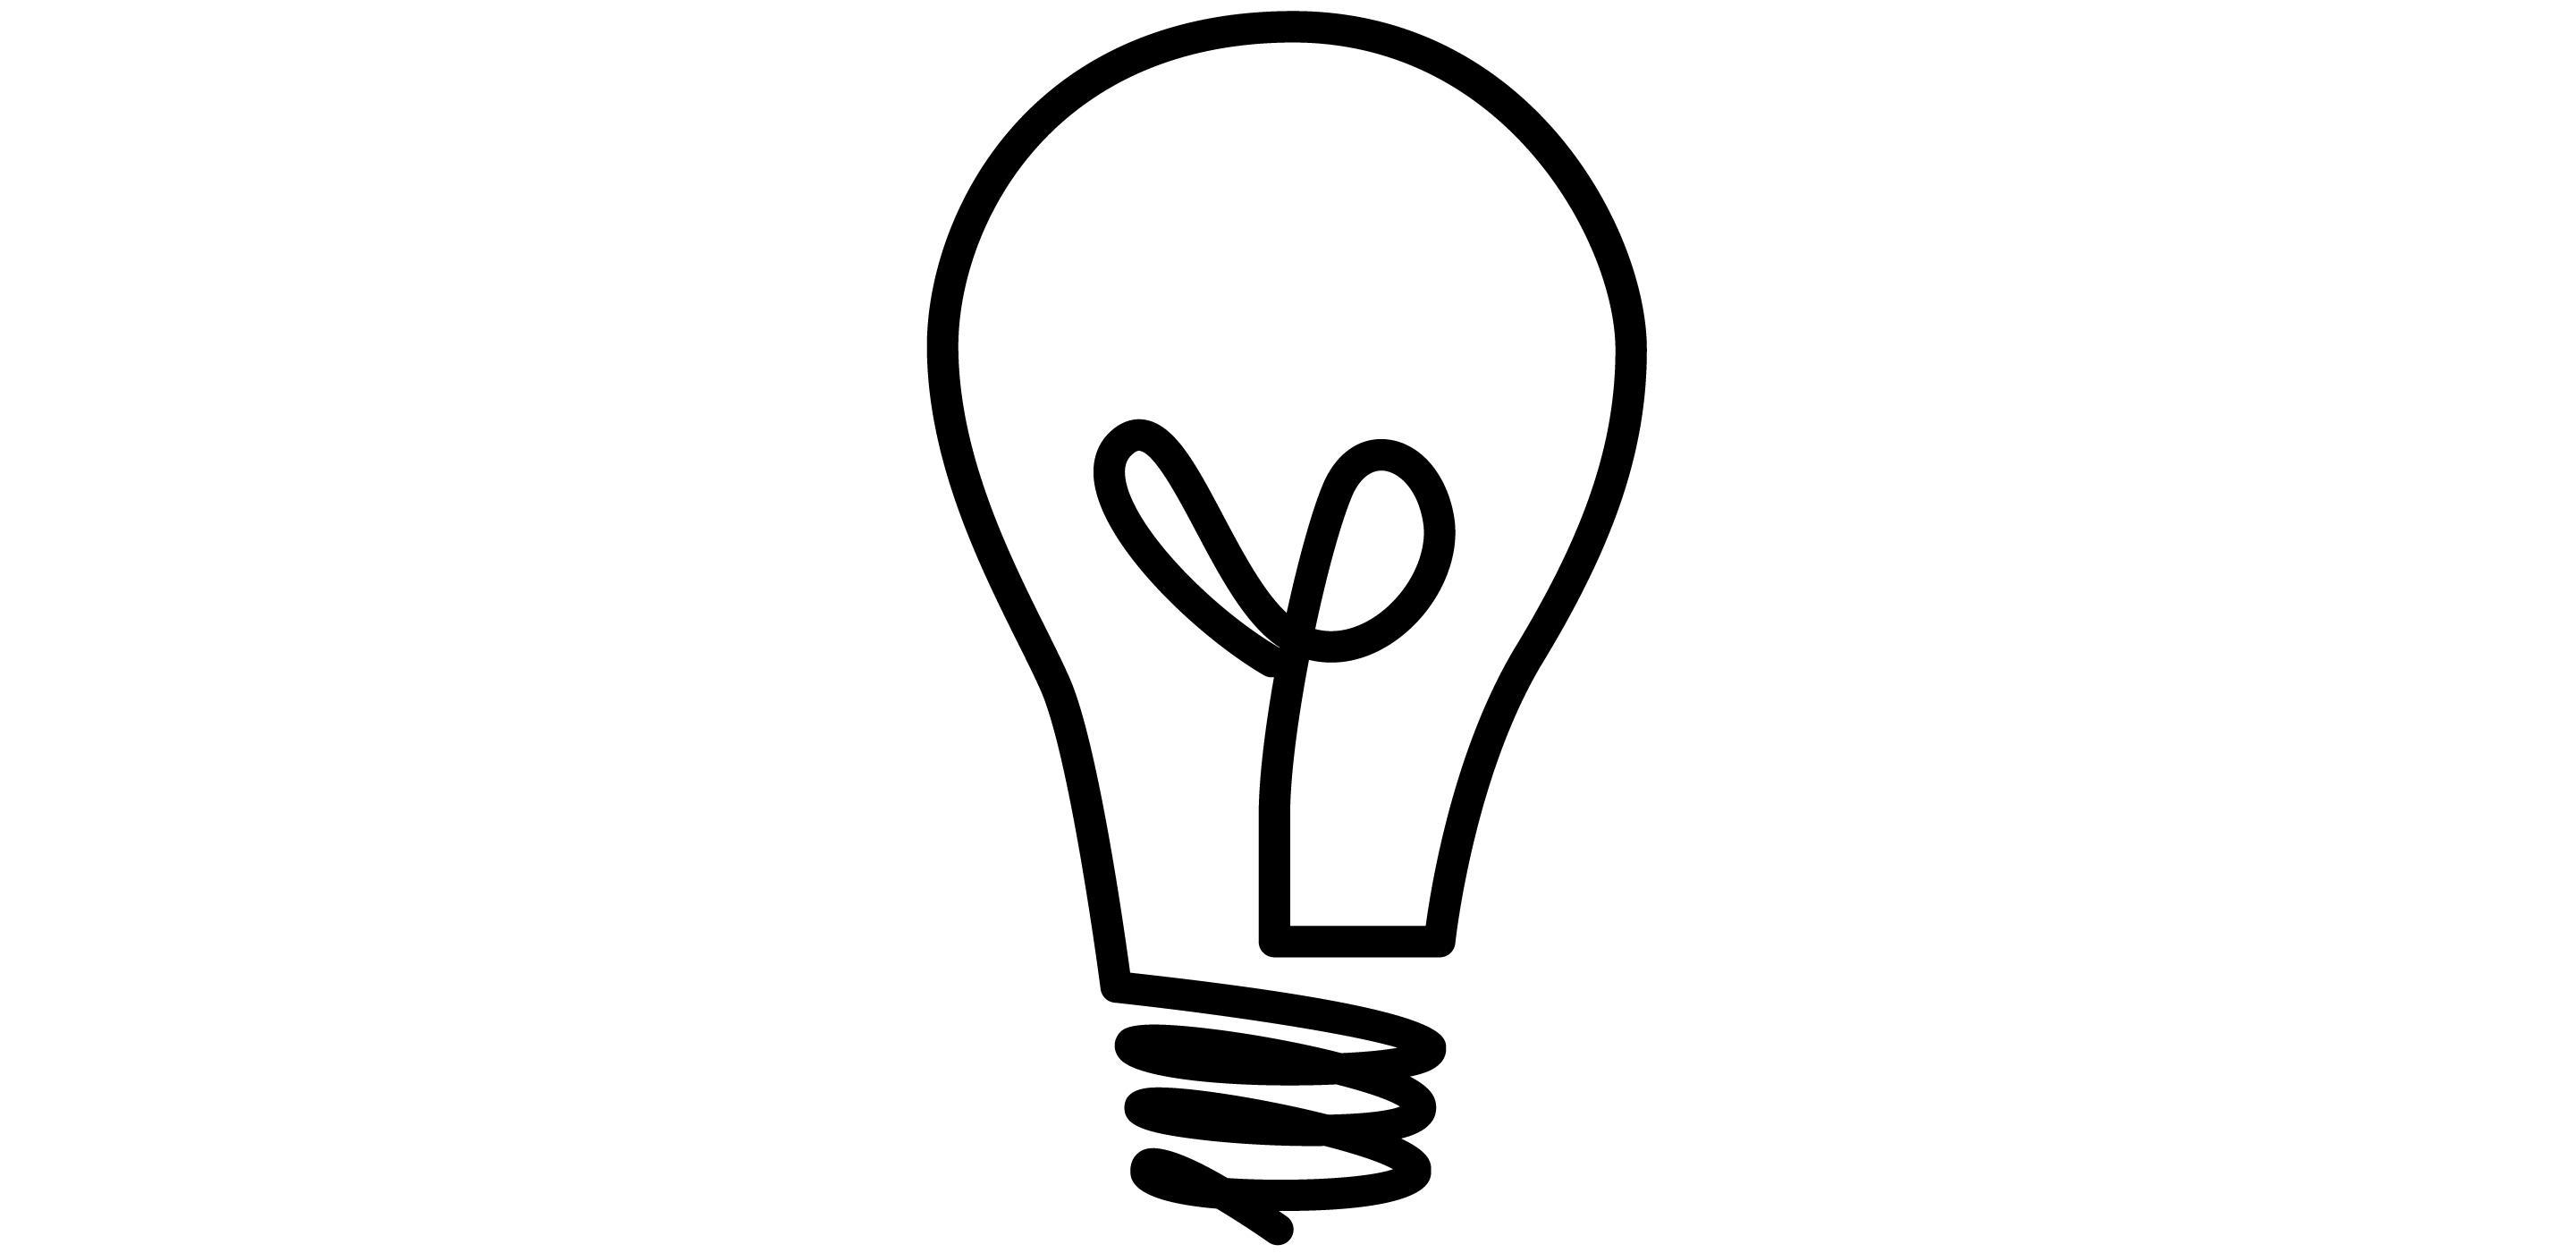 Lightbulb light bulb.